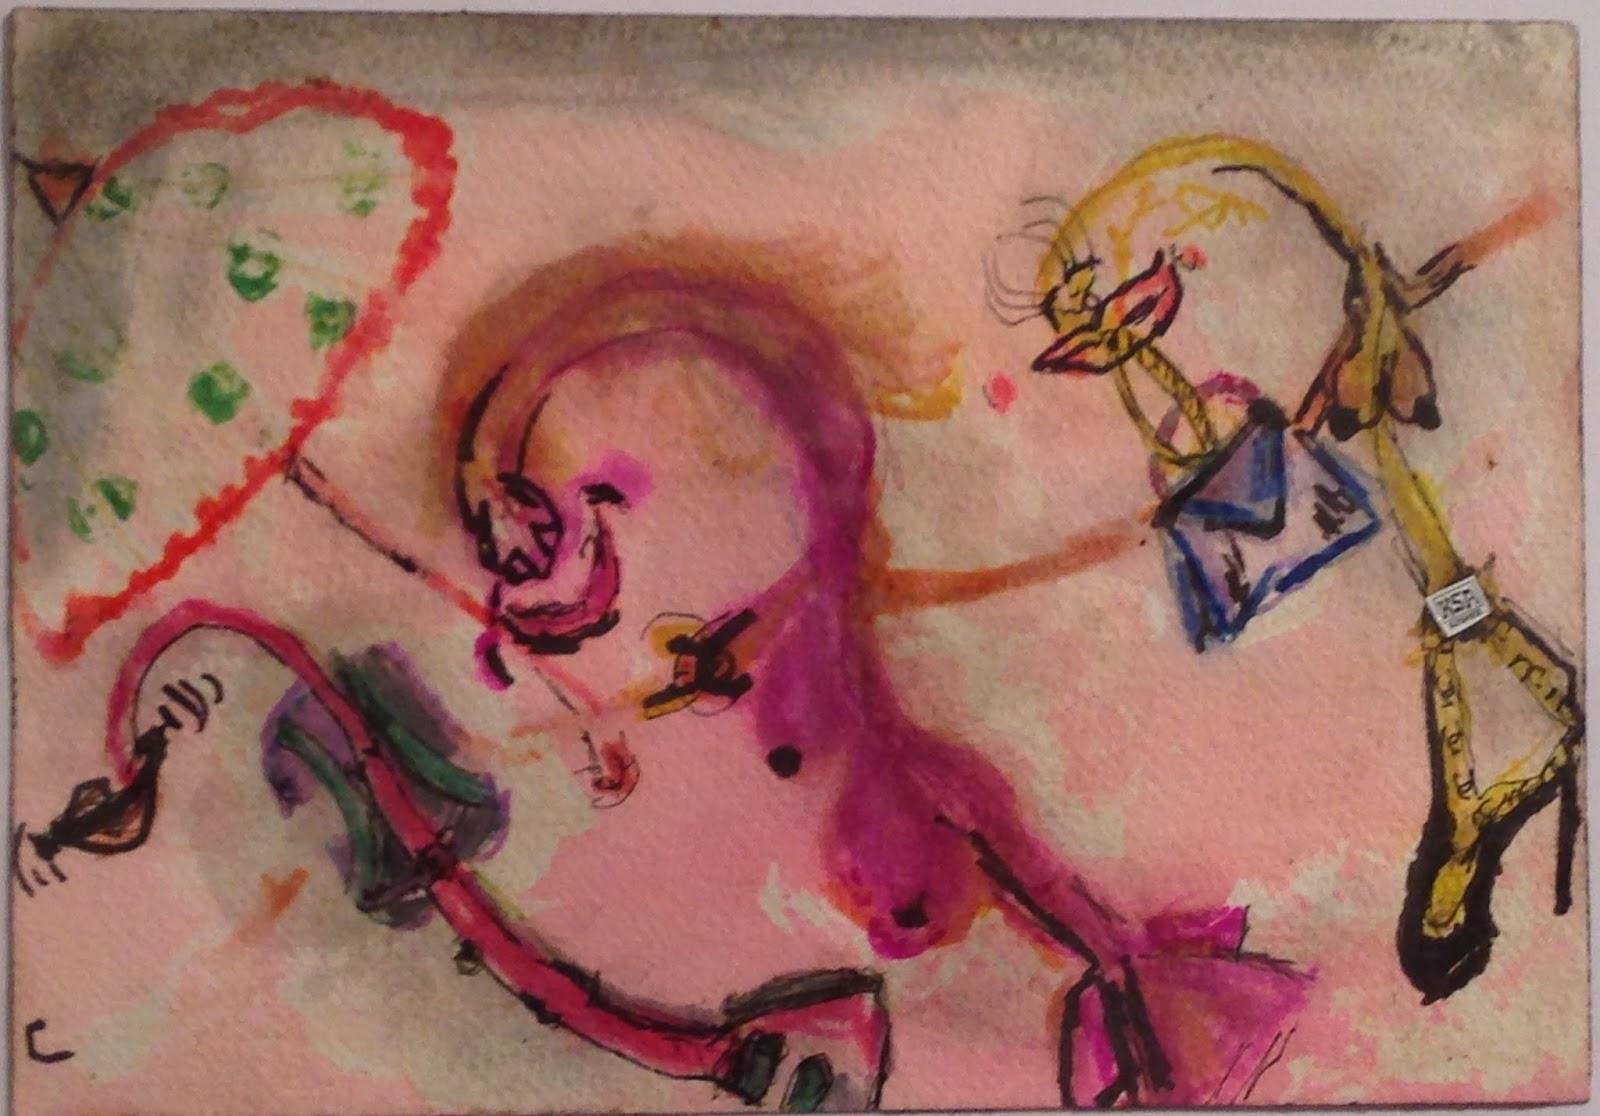 3+ART+Promenade+of+the+Cane+Ladies+by+Melanie+Miller+IMG_4304.JPG